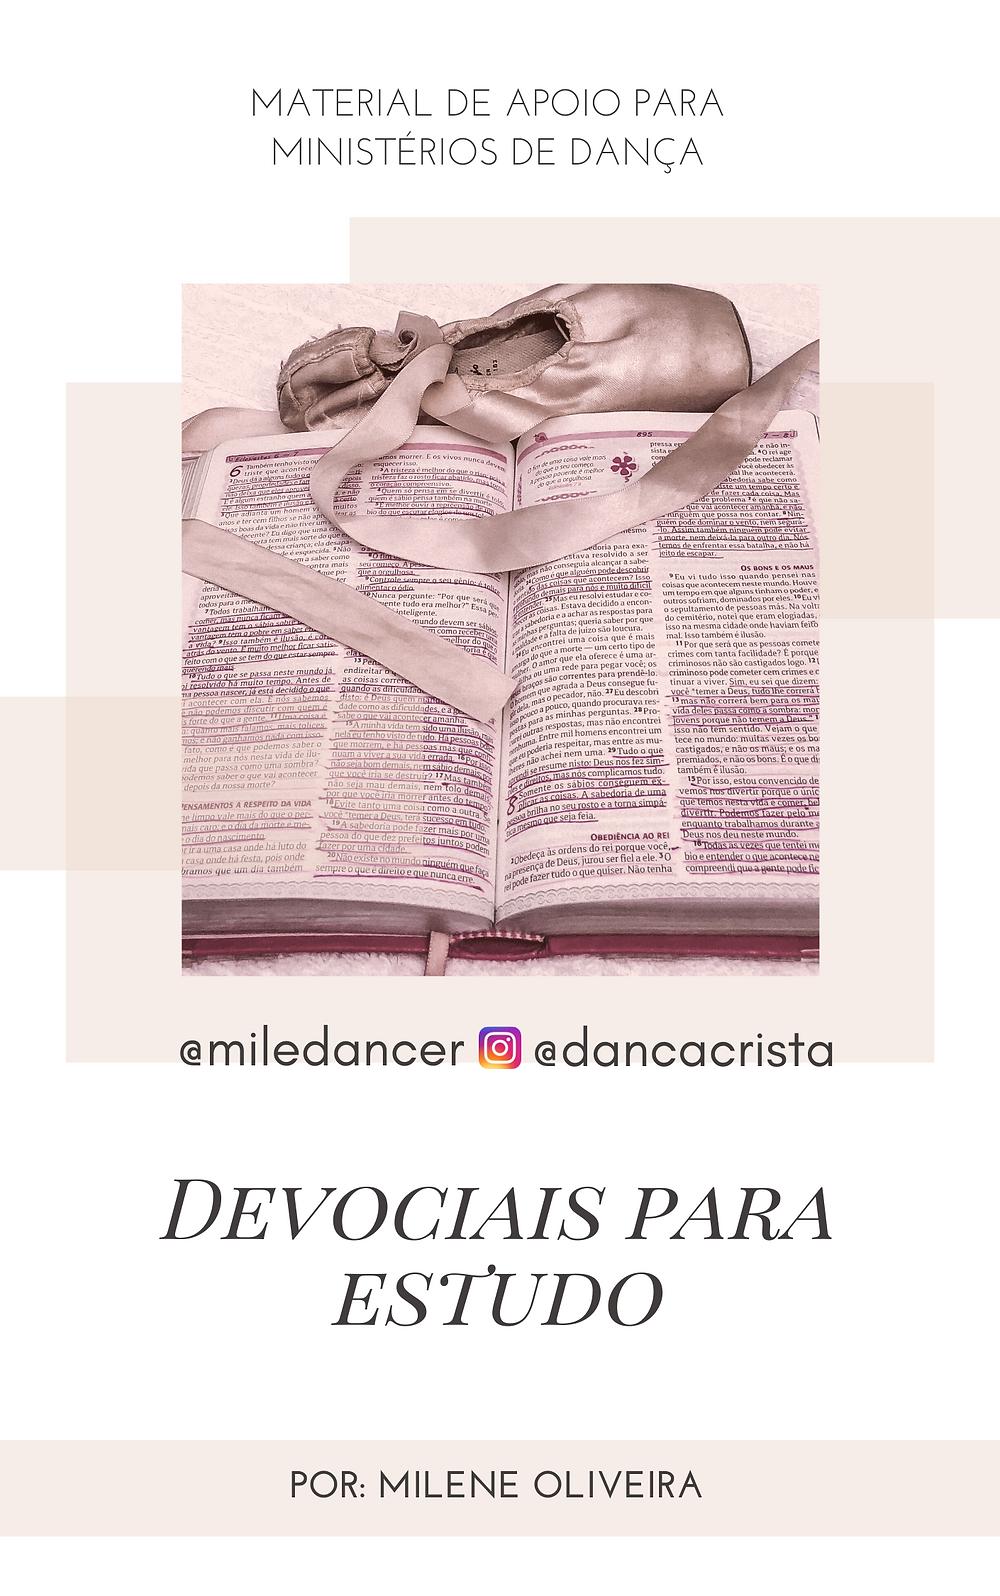 Apostila e estudos grátis para ministério de dança, dança cristã, Milene Oliveira, devocionais para estudo no ministério de dança